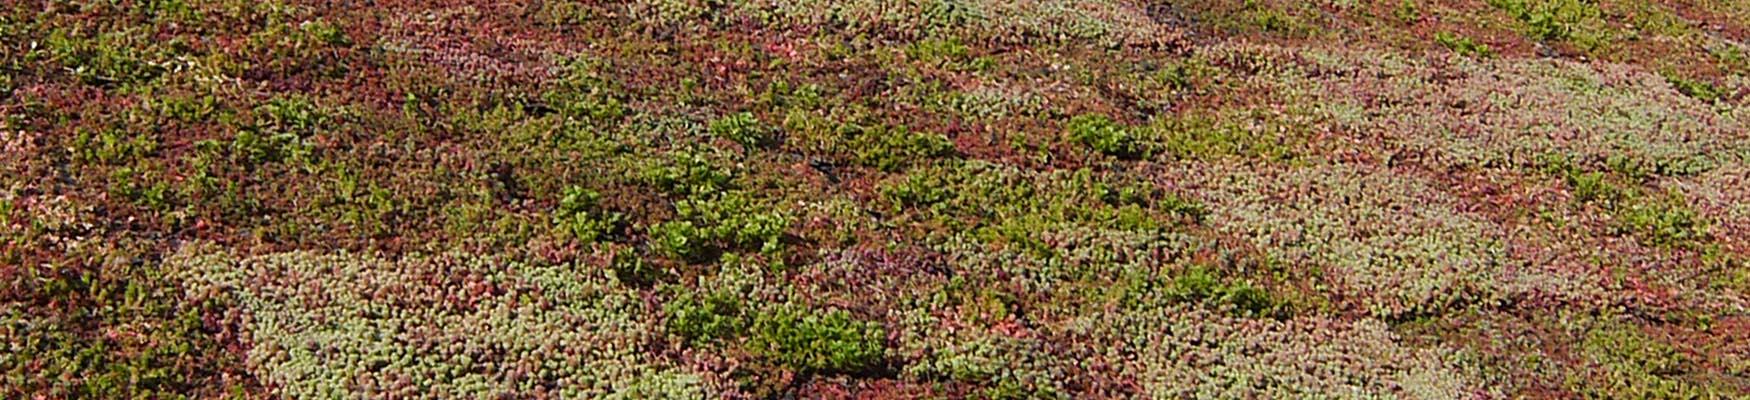 Sedum végétalisation des toitures